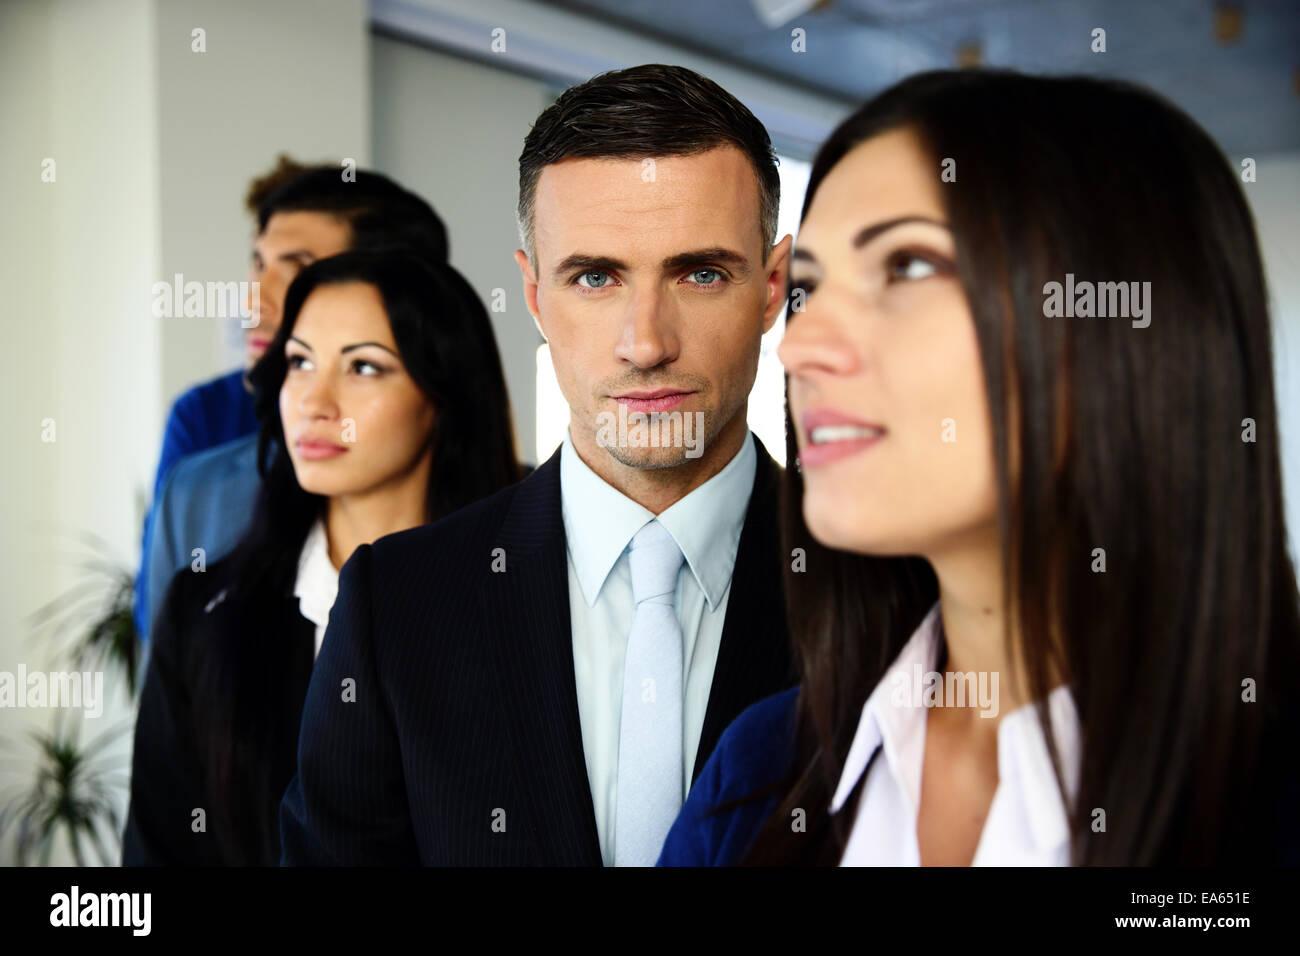 Gruppe von jungen Kollegen in einer Reihe im Büro Stockbild